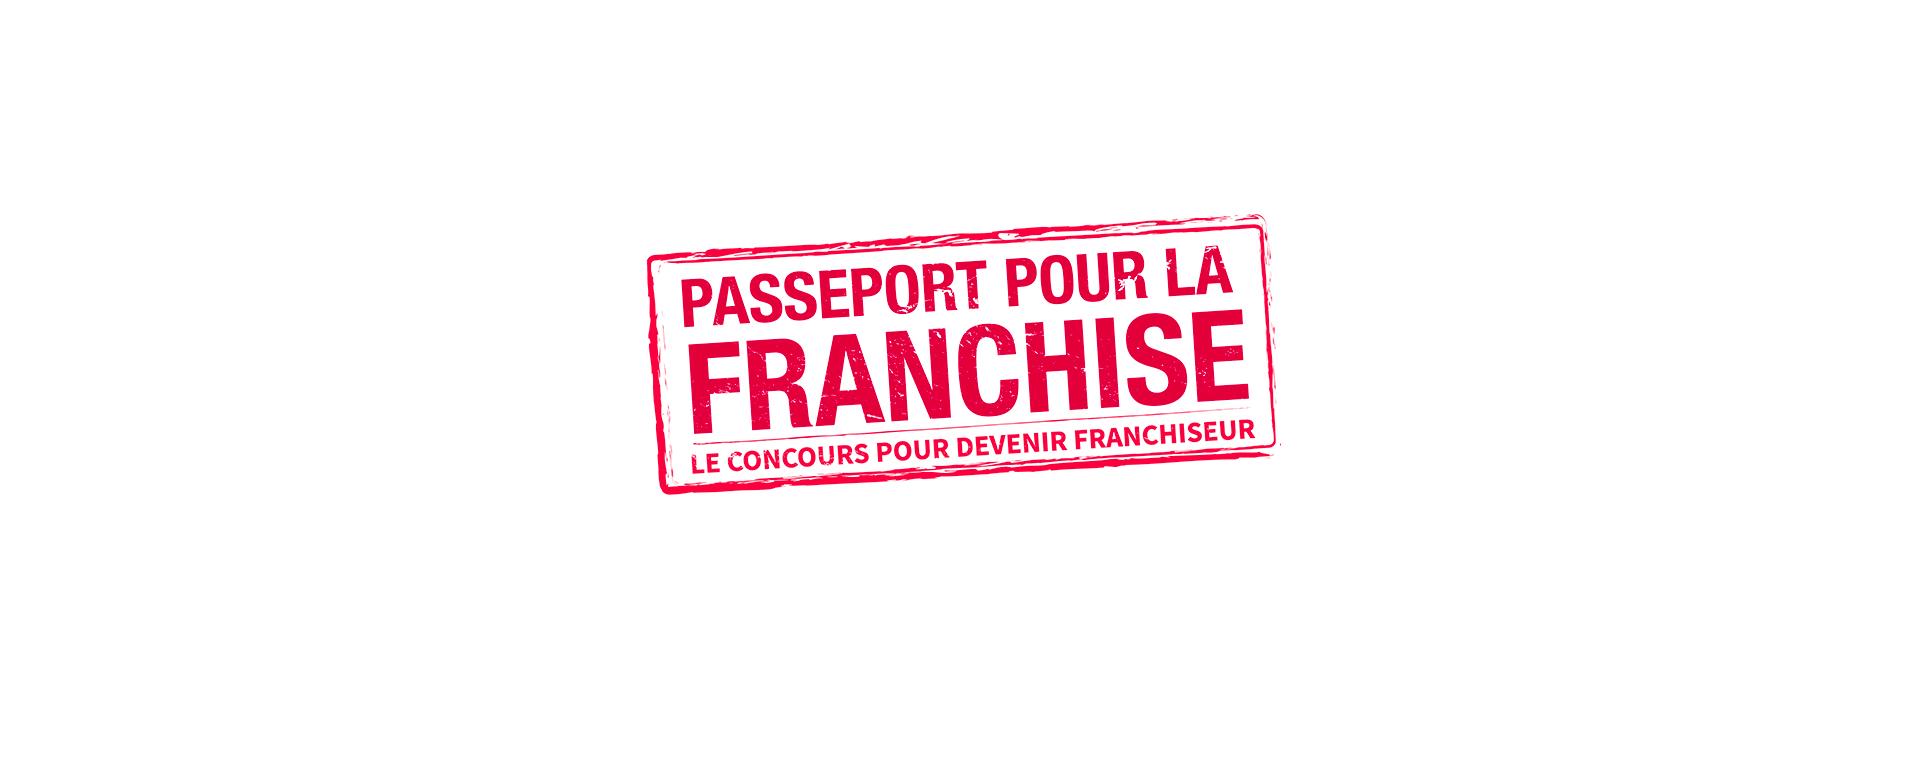 Revue de presse Nachos Passeport pour la franchise